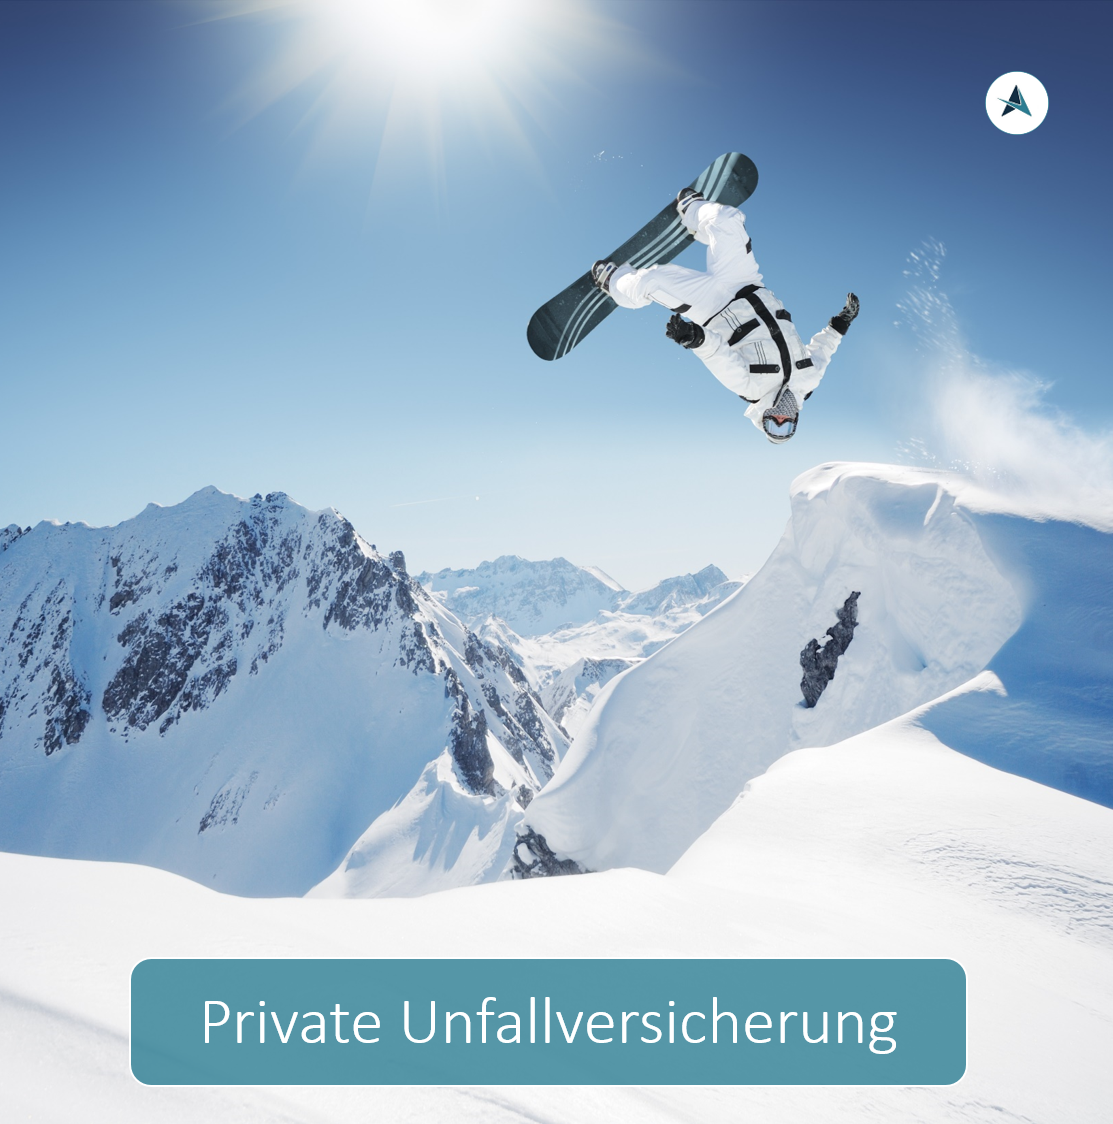 Versicherungsmakler-Berlin-Unfallversicherung-André-Böttcher-private-Unfallversicherung-Unfall-Invalidität